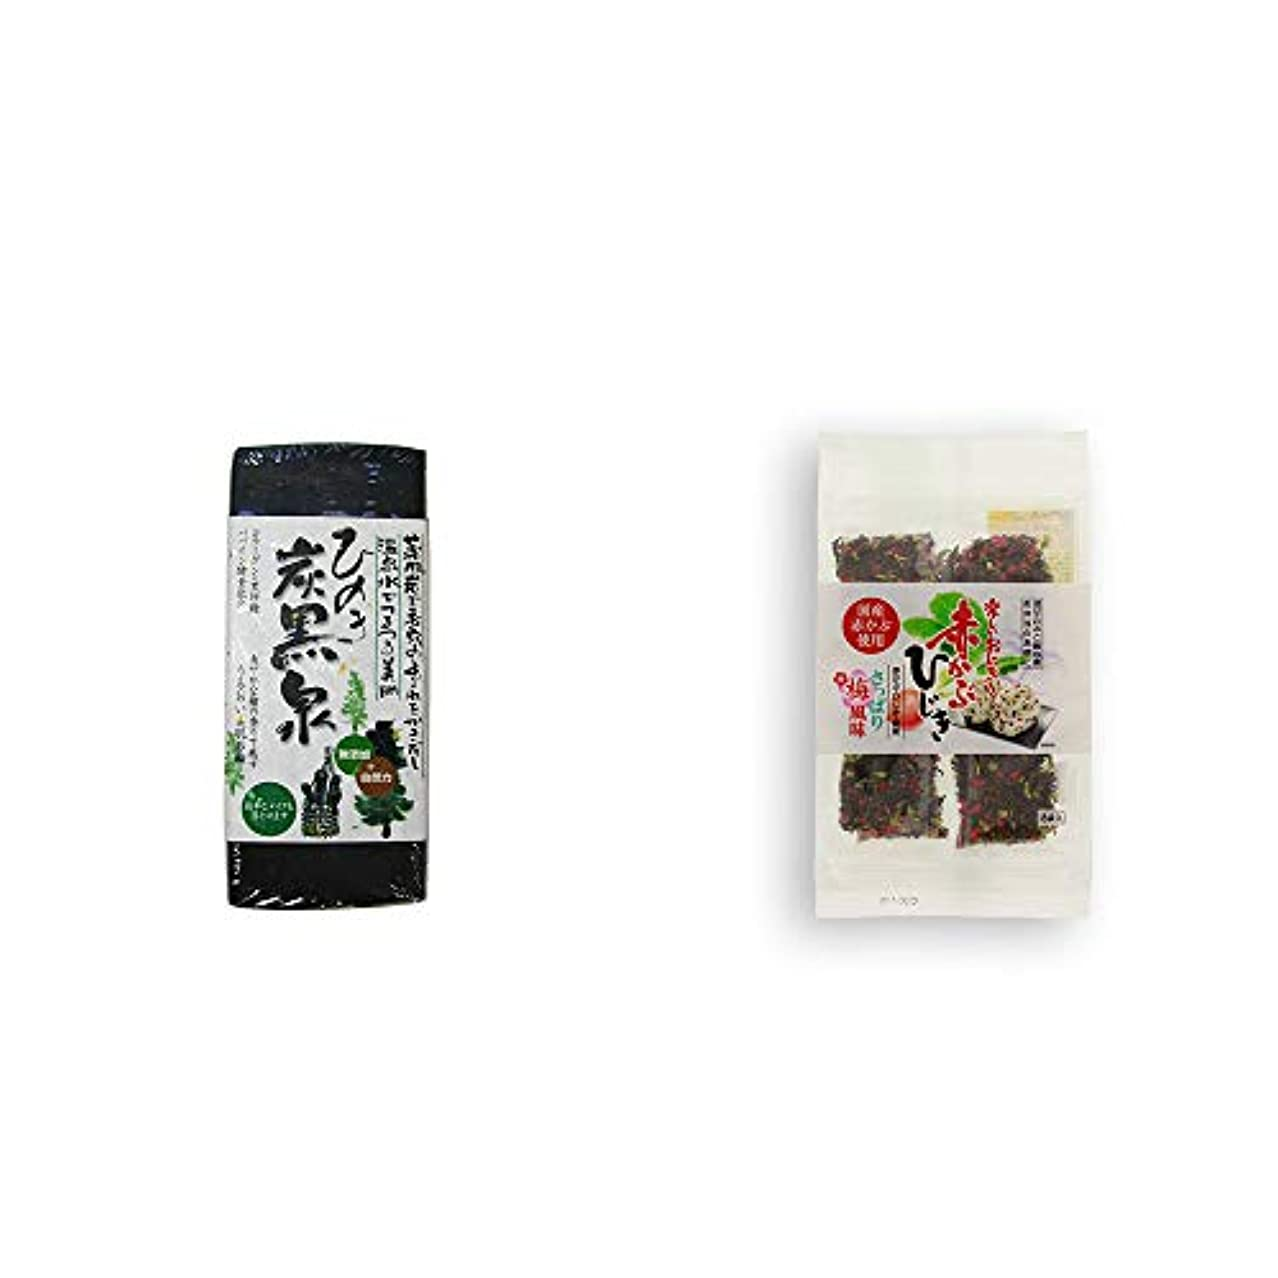 刺繍つま先定刻[2点セット] ひのき炭黒泉(75g×2)?楽しいおにぎり 赤かぶひじき(8g×8袋)